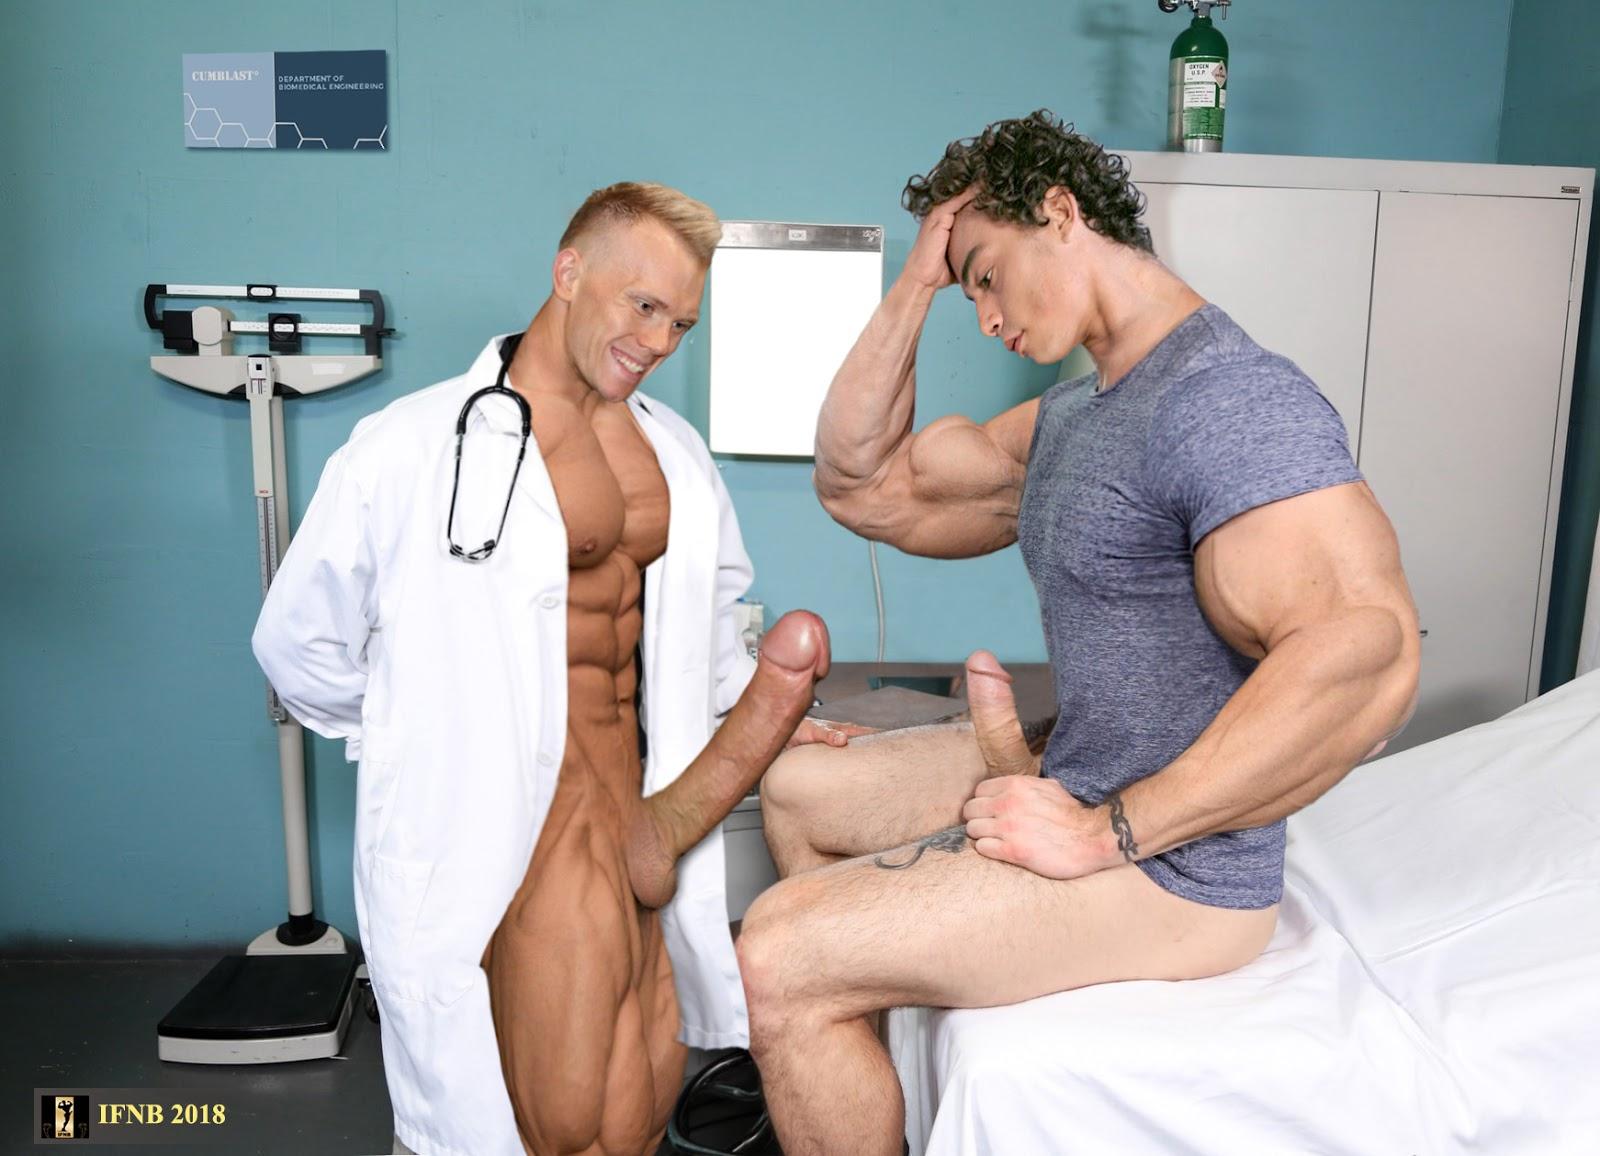 Chris garter naked